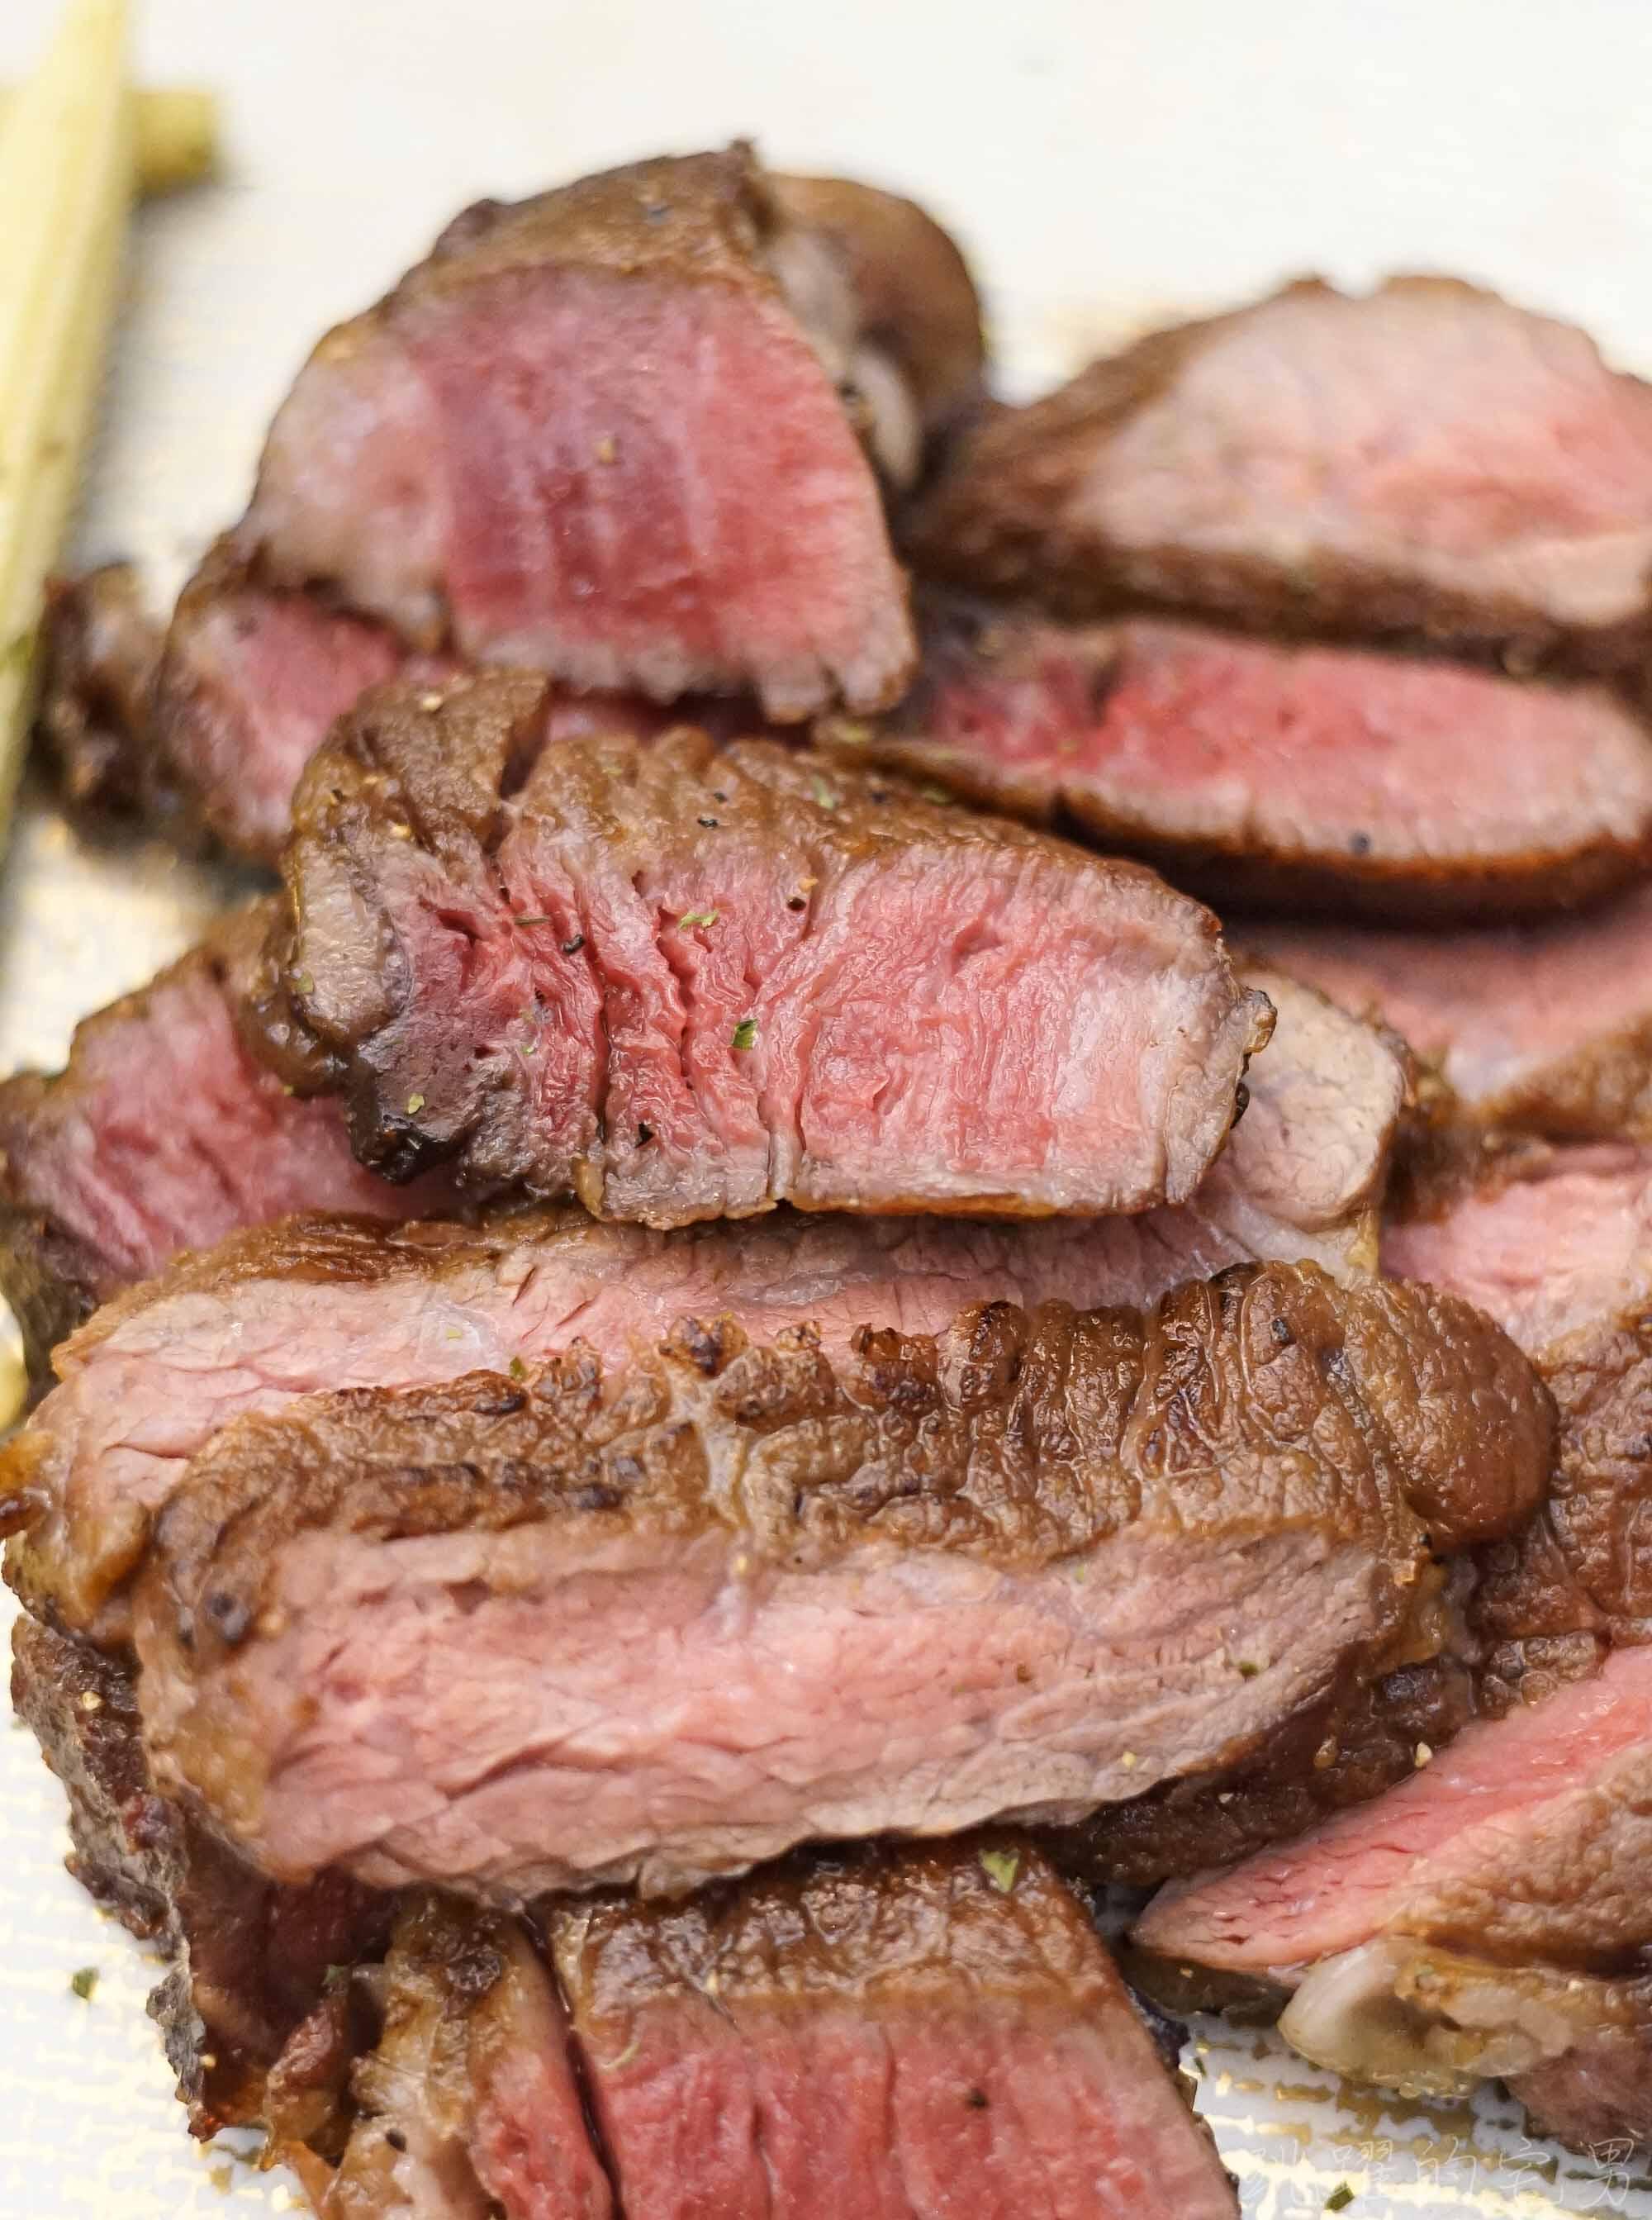 [花蓮市美食]職牛-初嘗60天乾式熟成牛排 深邃滋味讓人難以言喻 極黑和牛SRF 老饕上蓋牛排濃郁油香讓人一吃難忘 花蓮頂級牛排